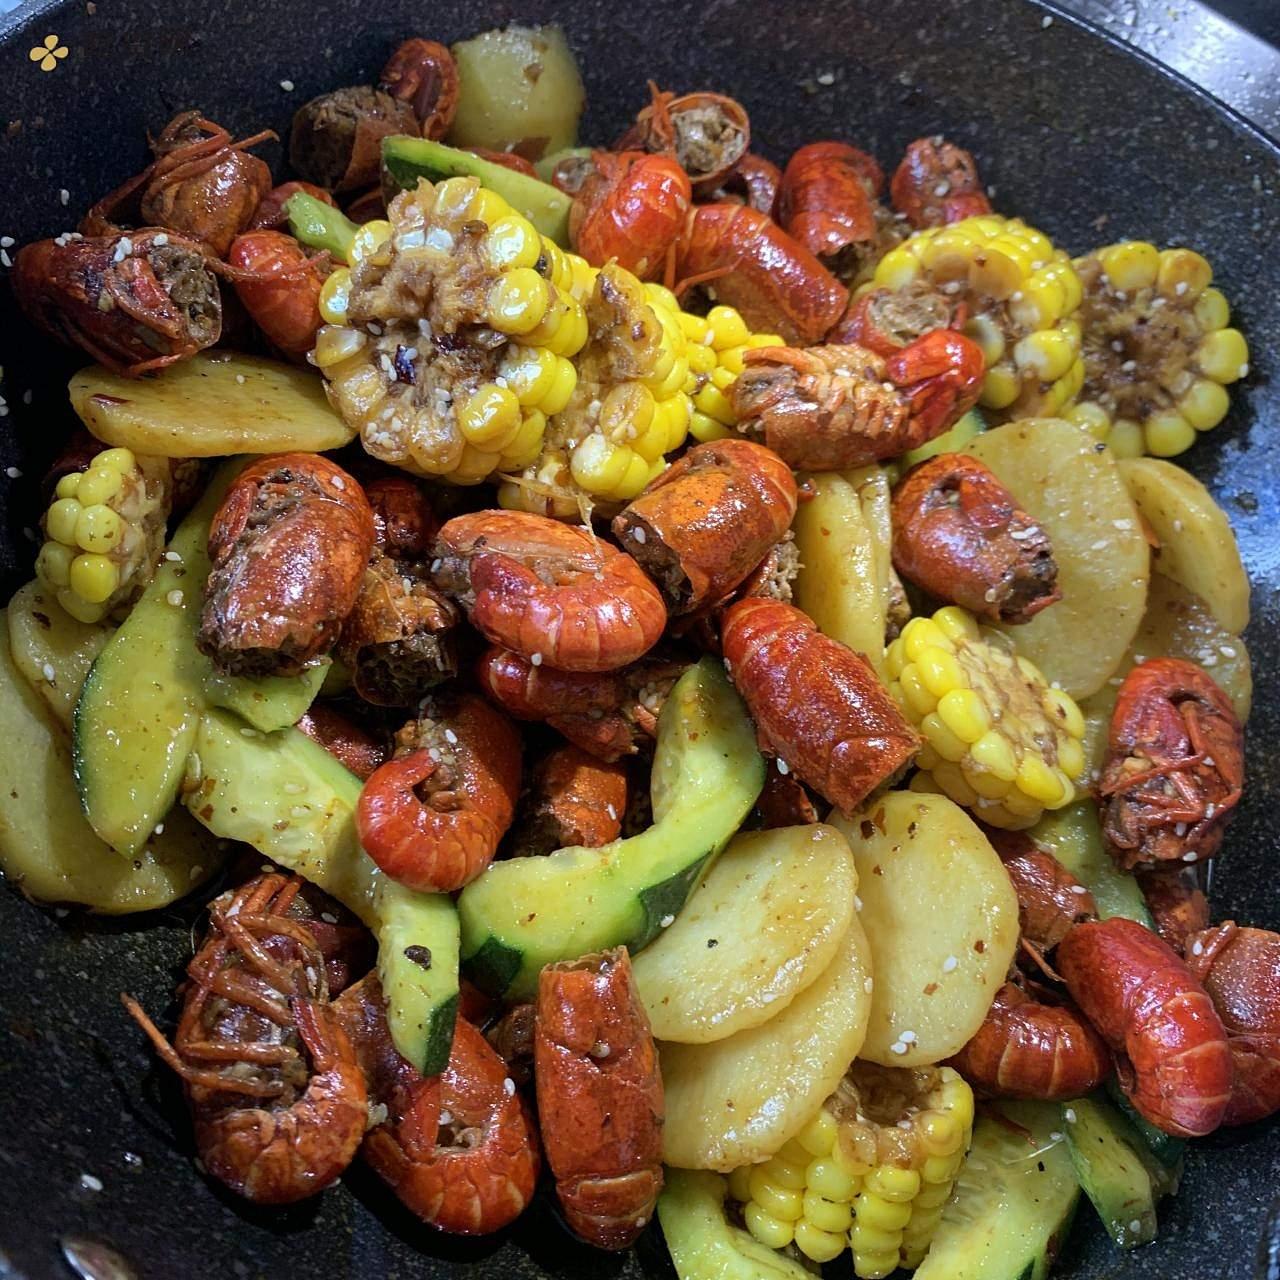 火锅底料麻辣小龙虾的做法 步骤5